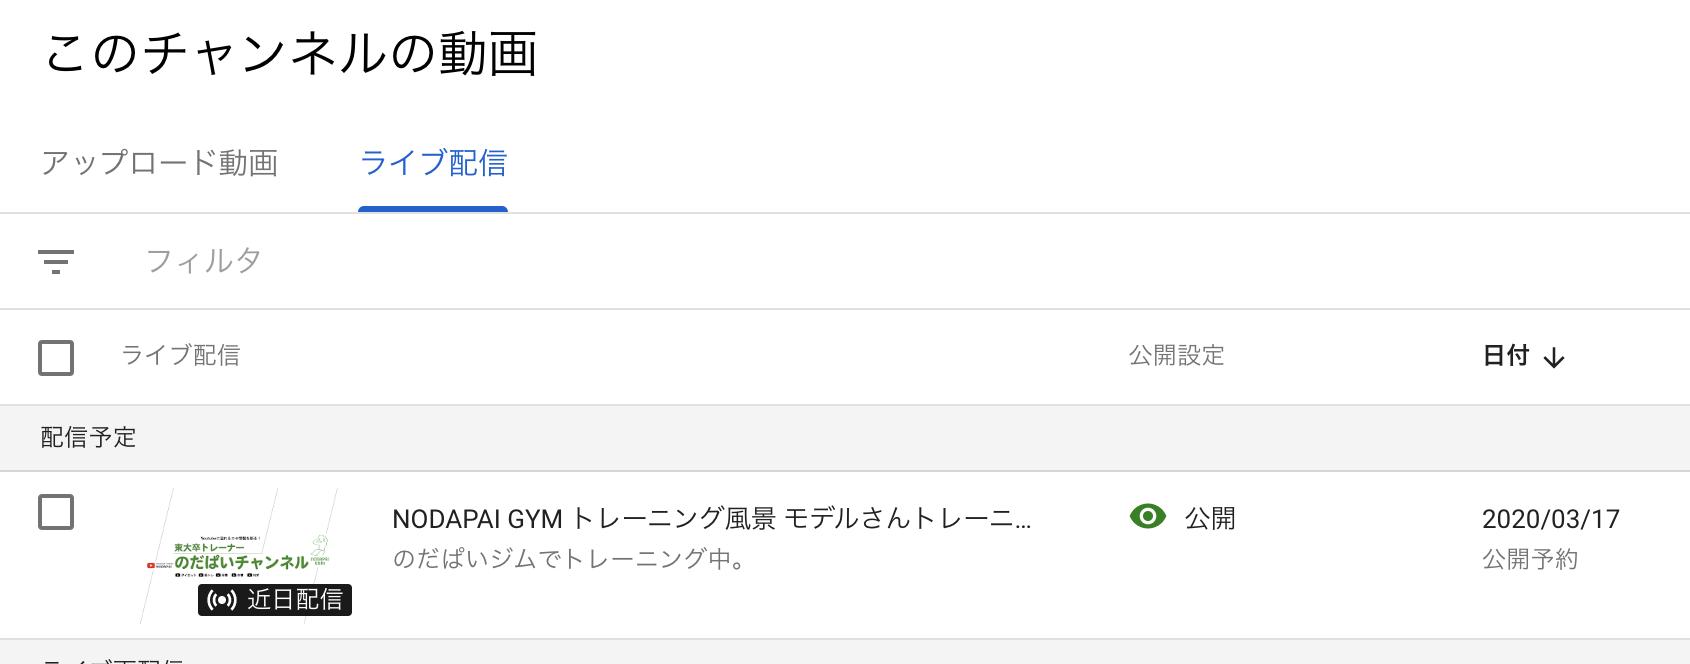 gopro ライブ 配信